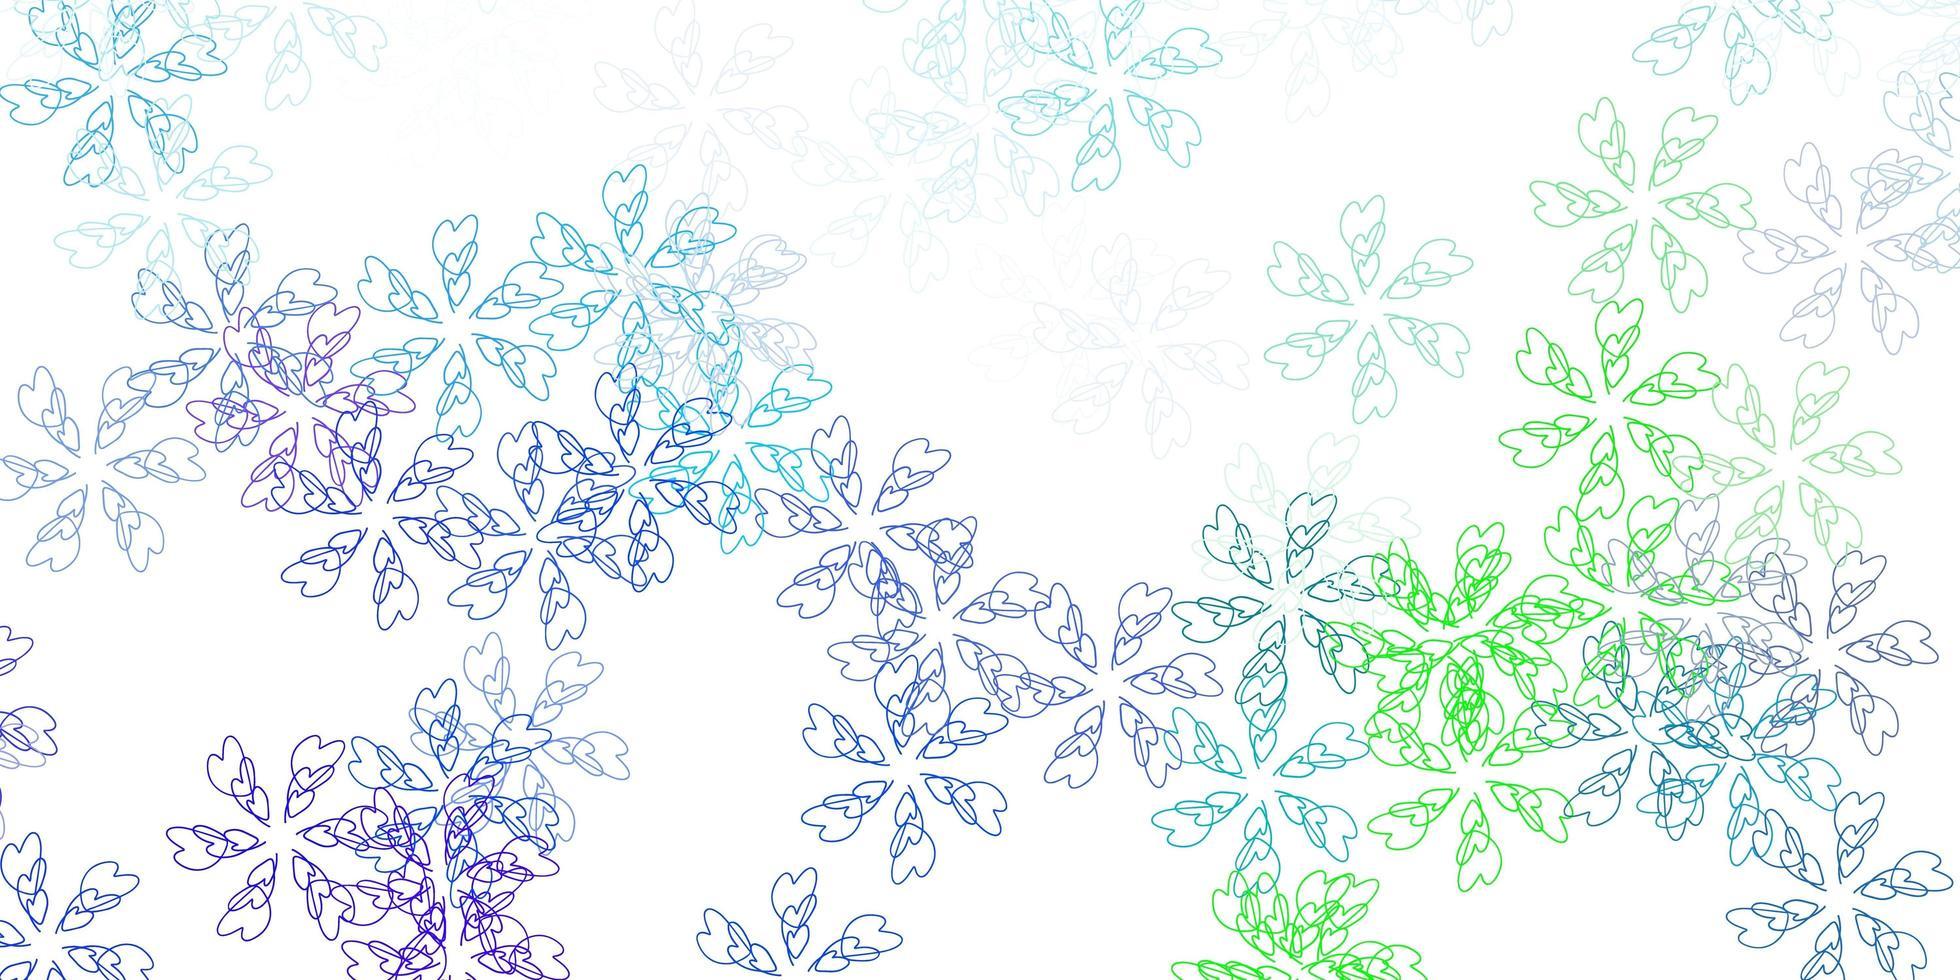 modèle abstrait de vecteur bleu clair, vert avec des feuilles.